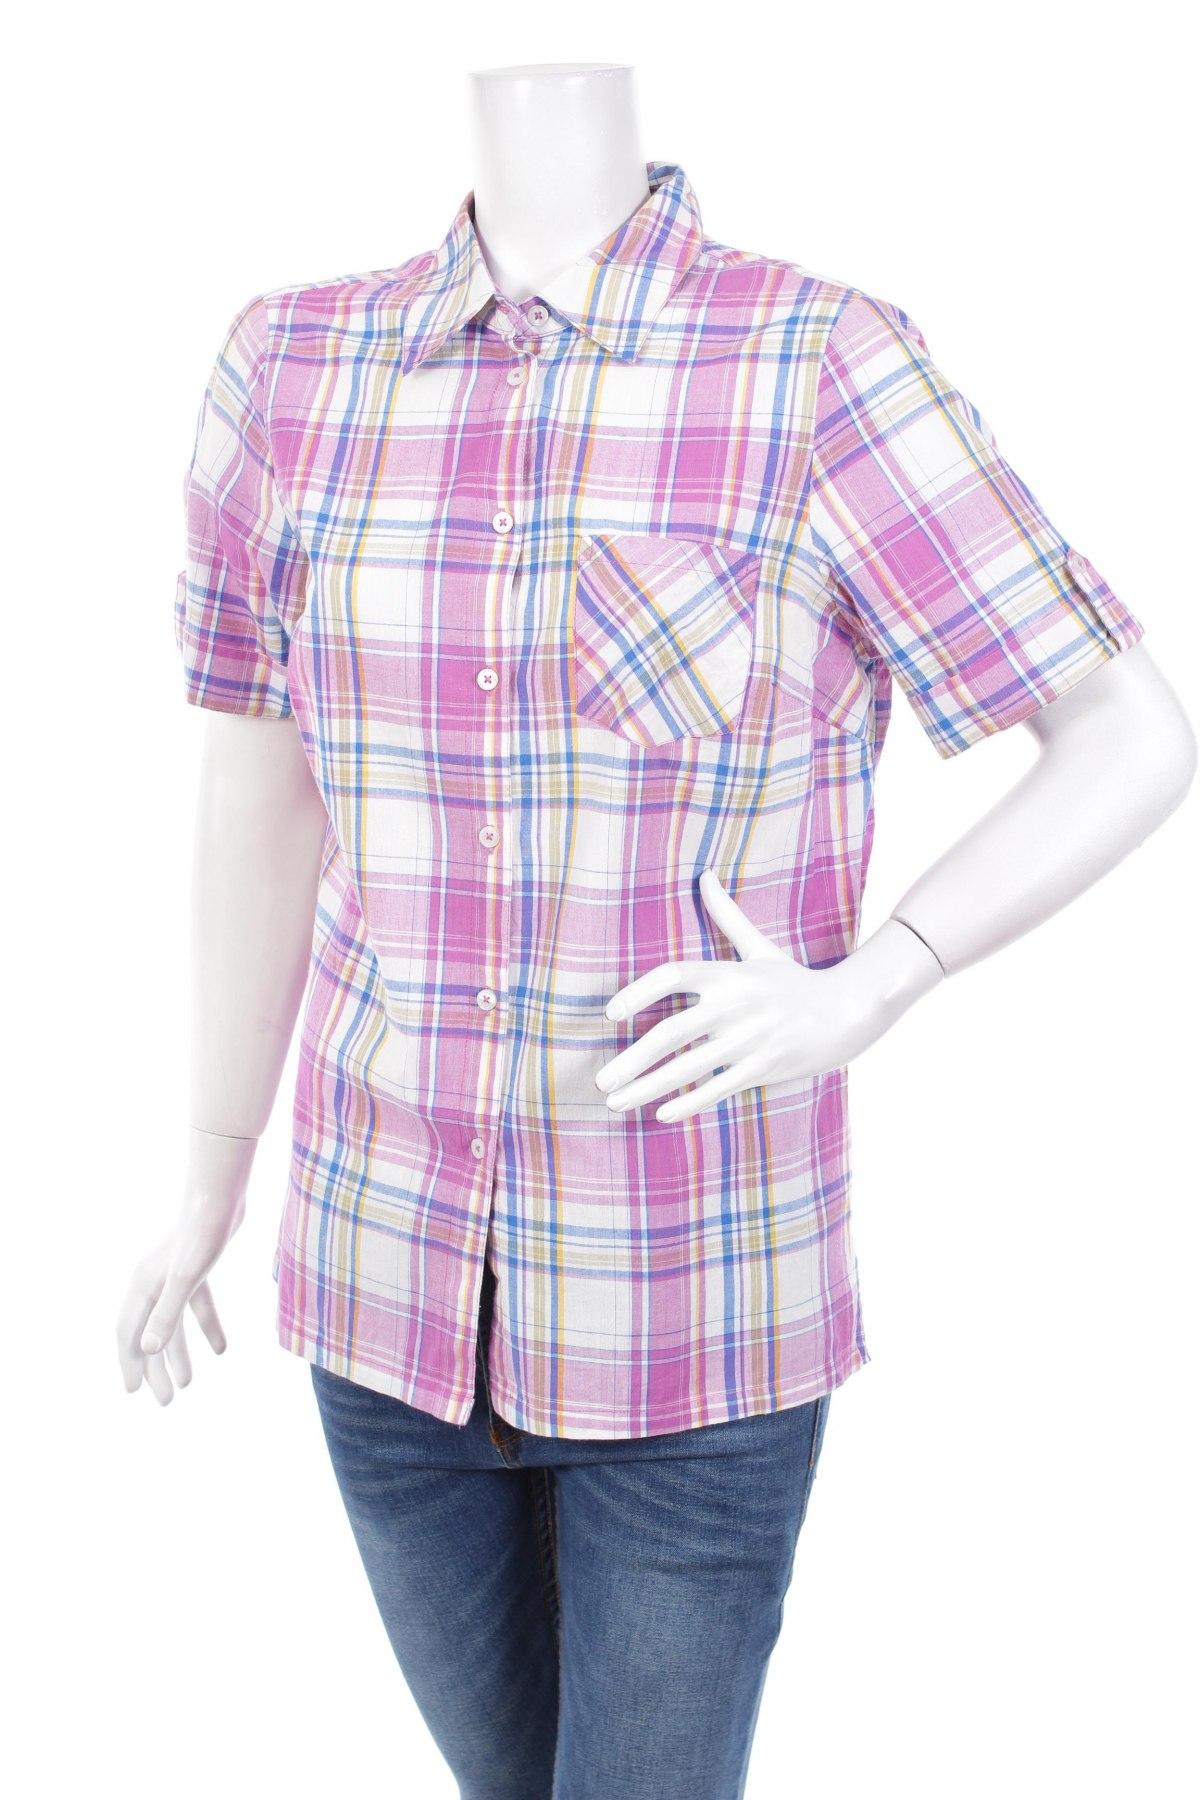 Γυναικείο πουκάμισο, Μέγεθος L, Χρώμα Πολύχρωμο, Βαμβάκι, Τιμή 11,13€